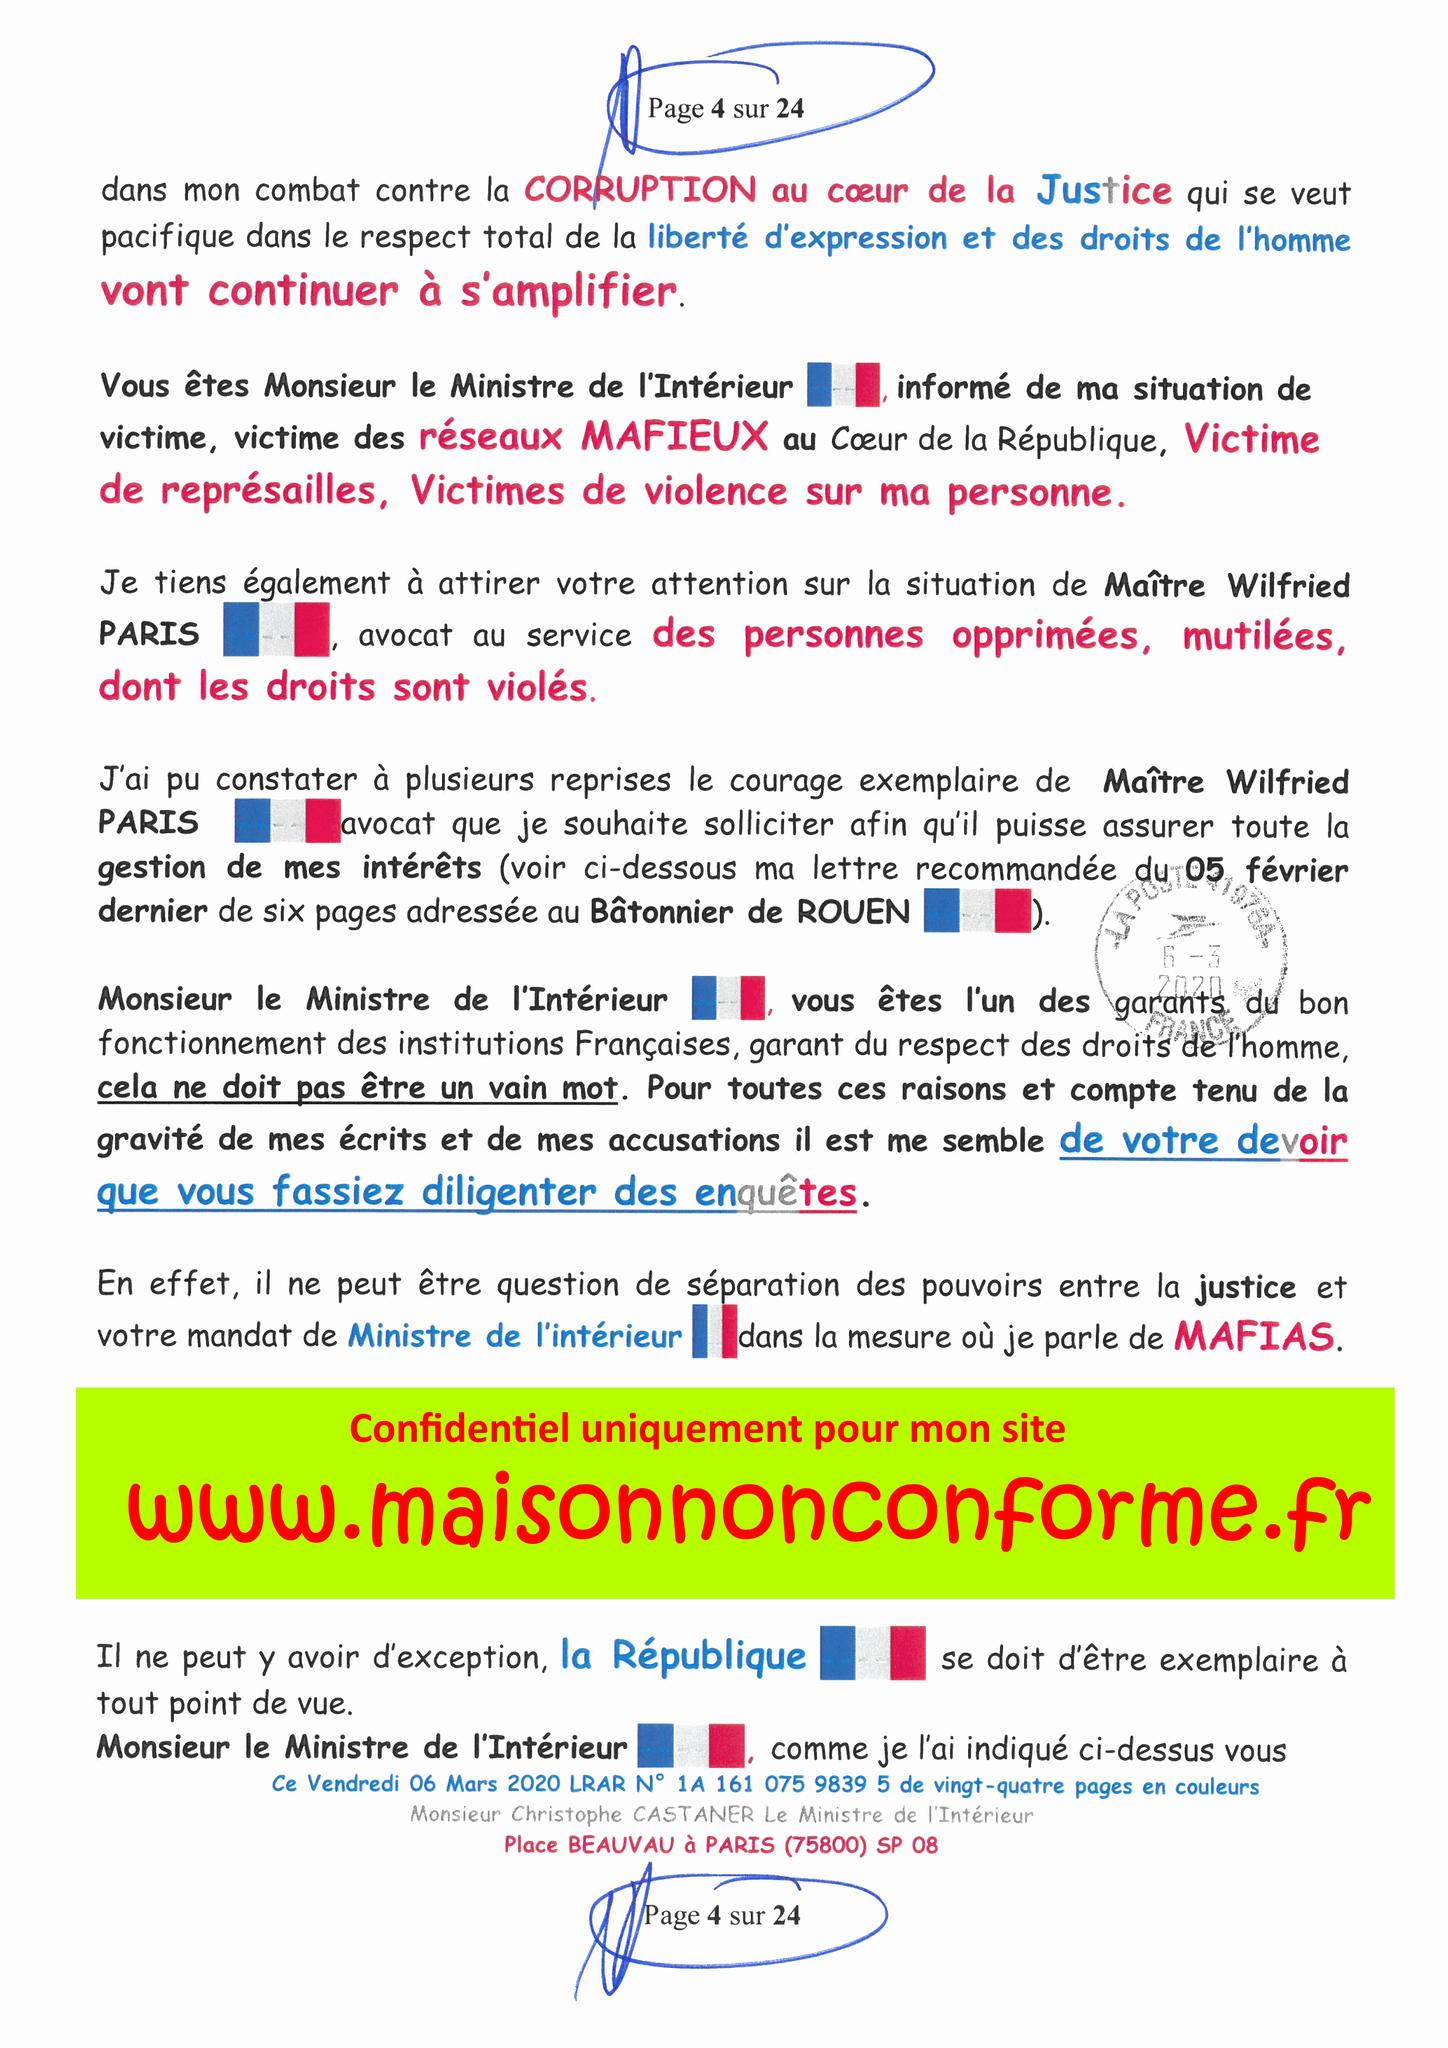 Ma LRAR à Monsieur le Ministre de l'Intérieur Christophe CASTANER N°1A 161 075 9839 5  Page 4 sur 24 en couleur du 06 Mars 2020  www.jesuispatrick.fr